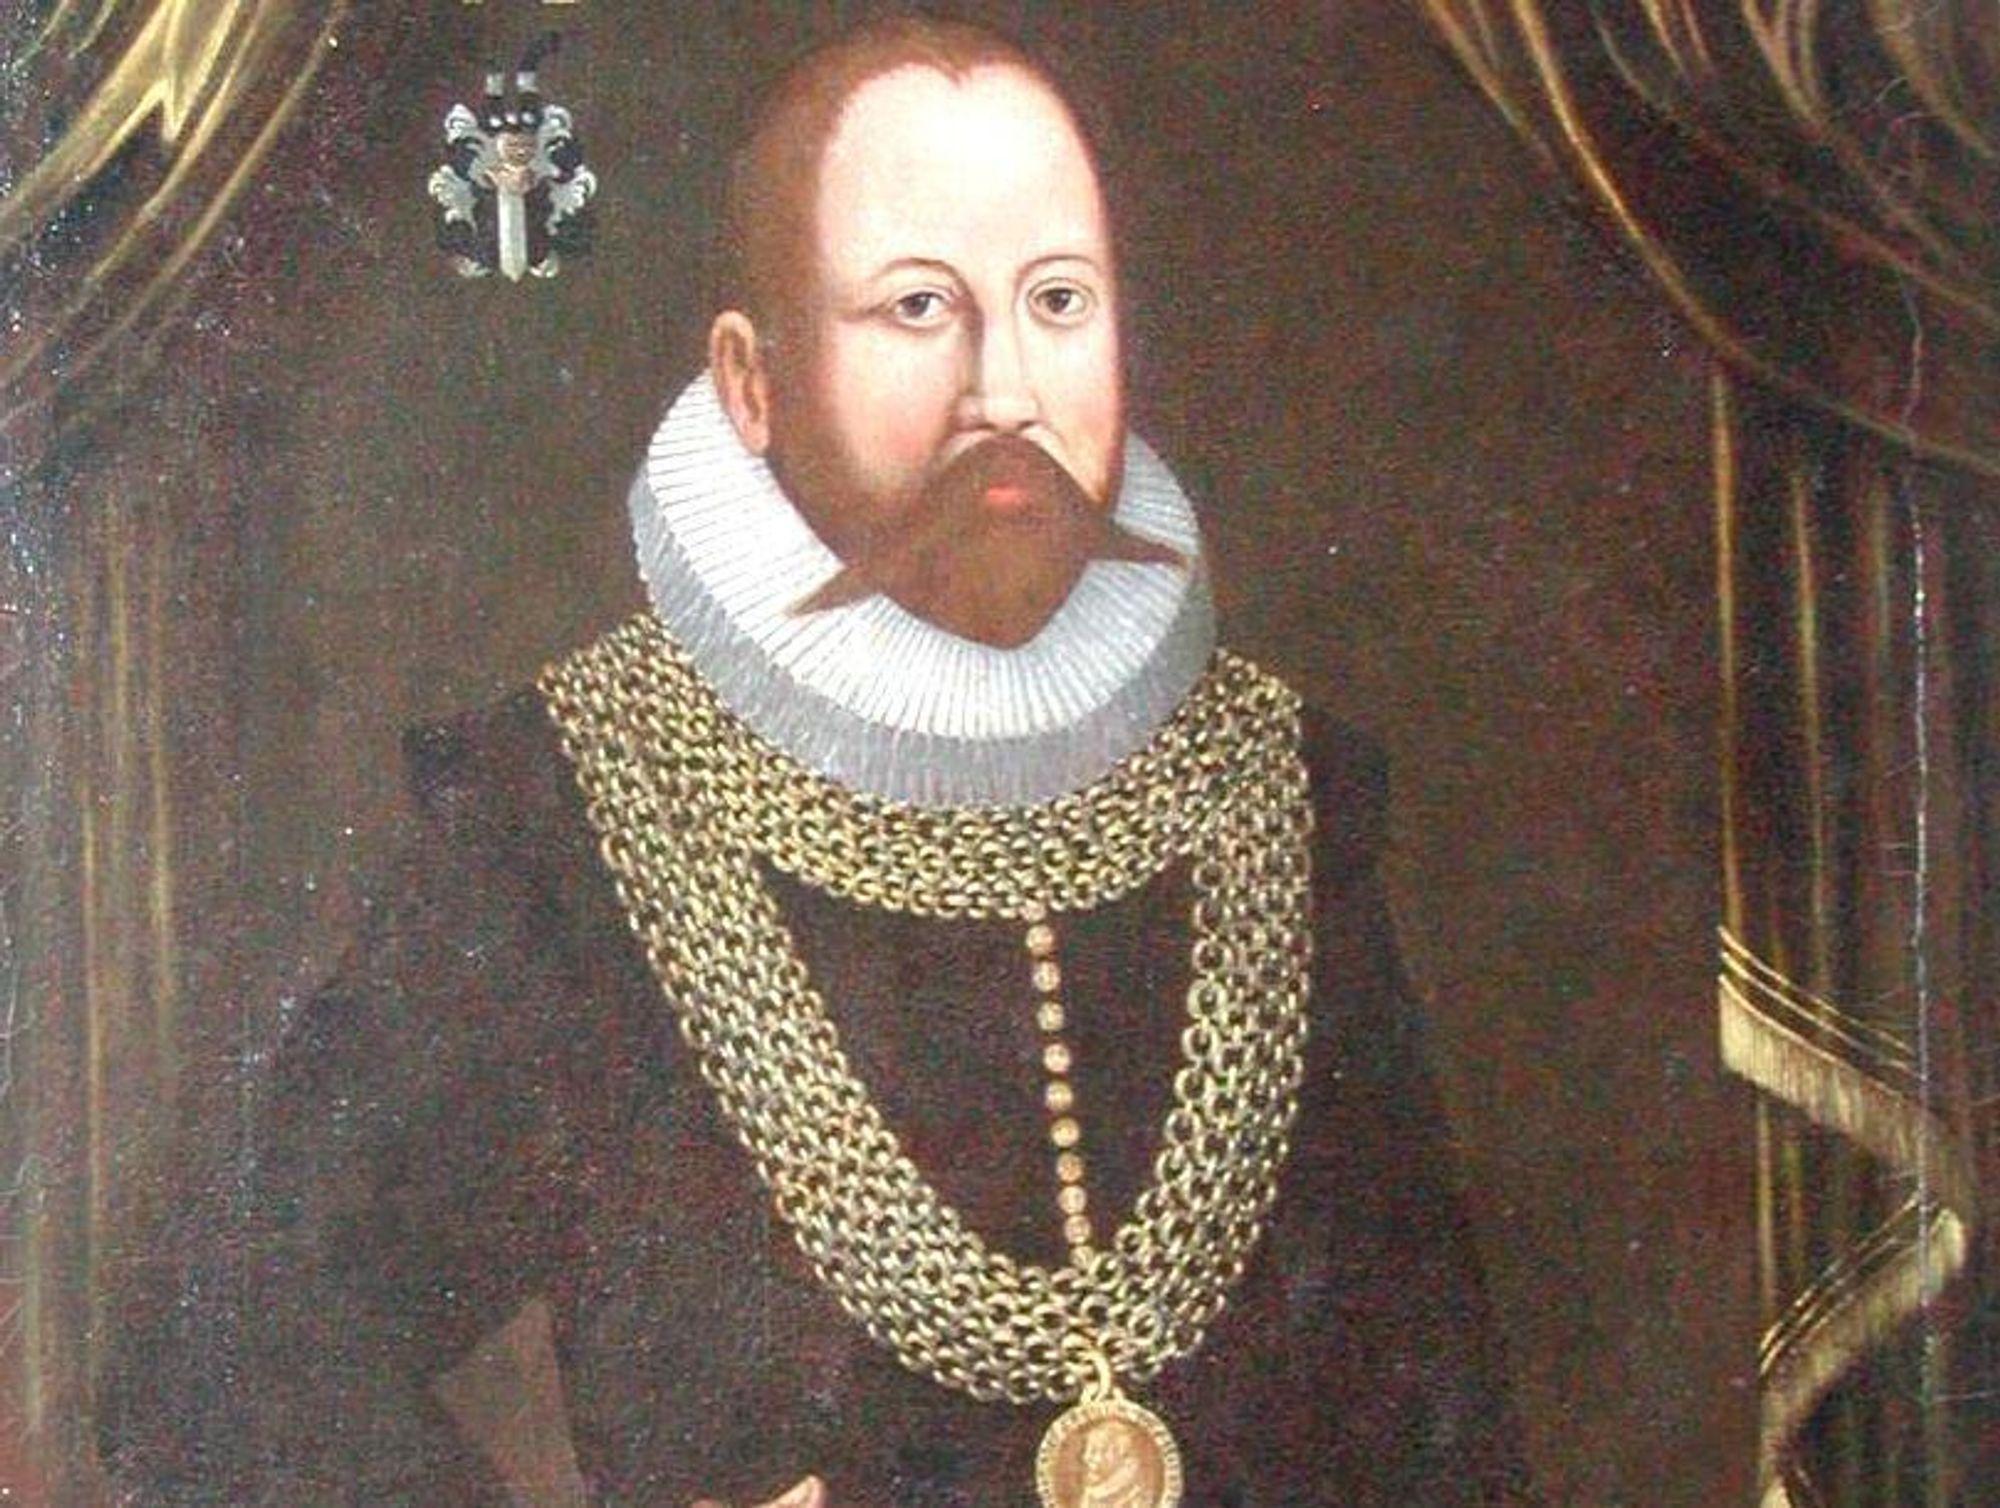 HVORDAN DØDE HAN? 409 år etter at astronomen Tycho Brahe døde skal han graves opp igjen. Forskerne vil finne ut hva som var dødsårsaken.